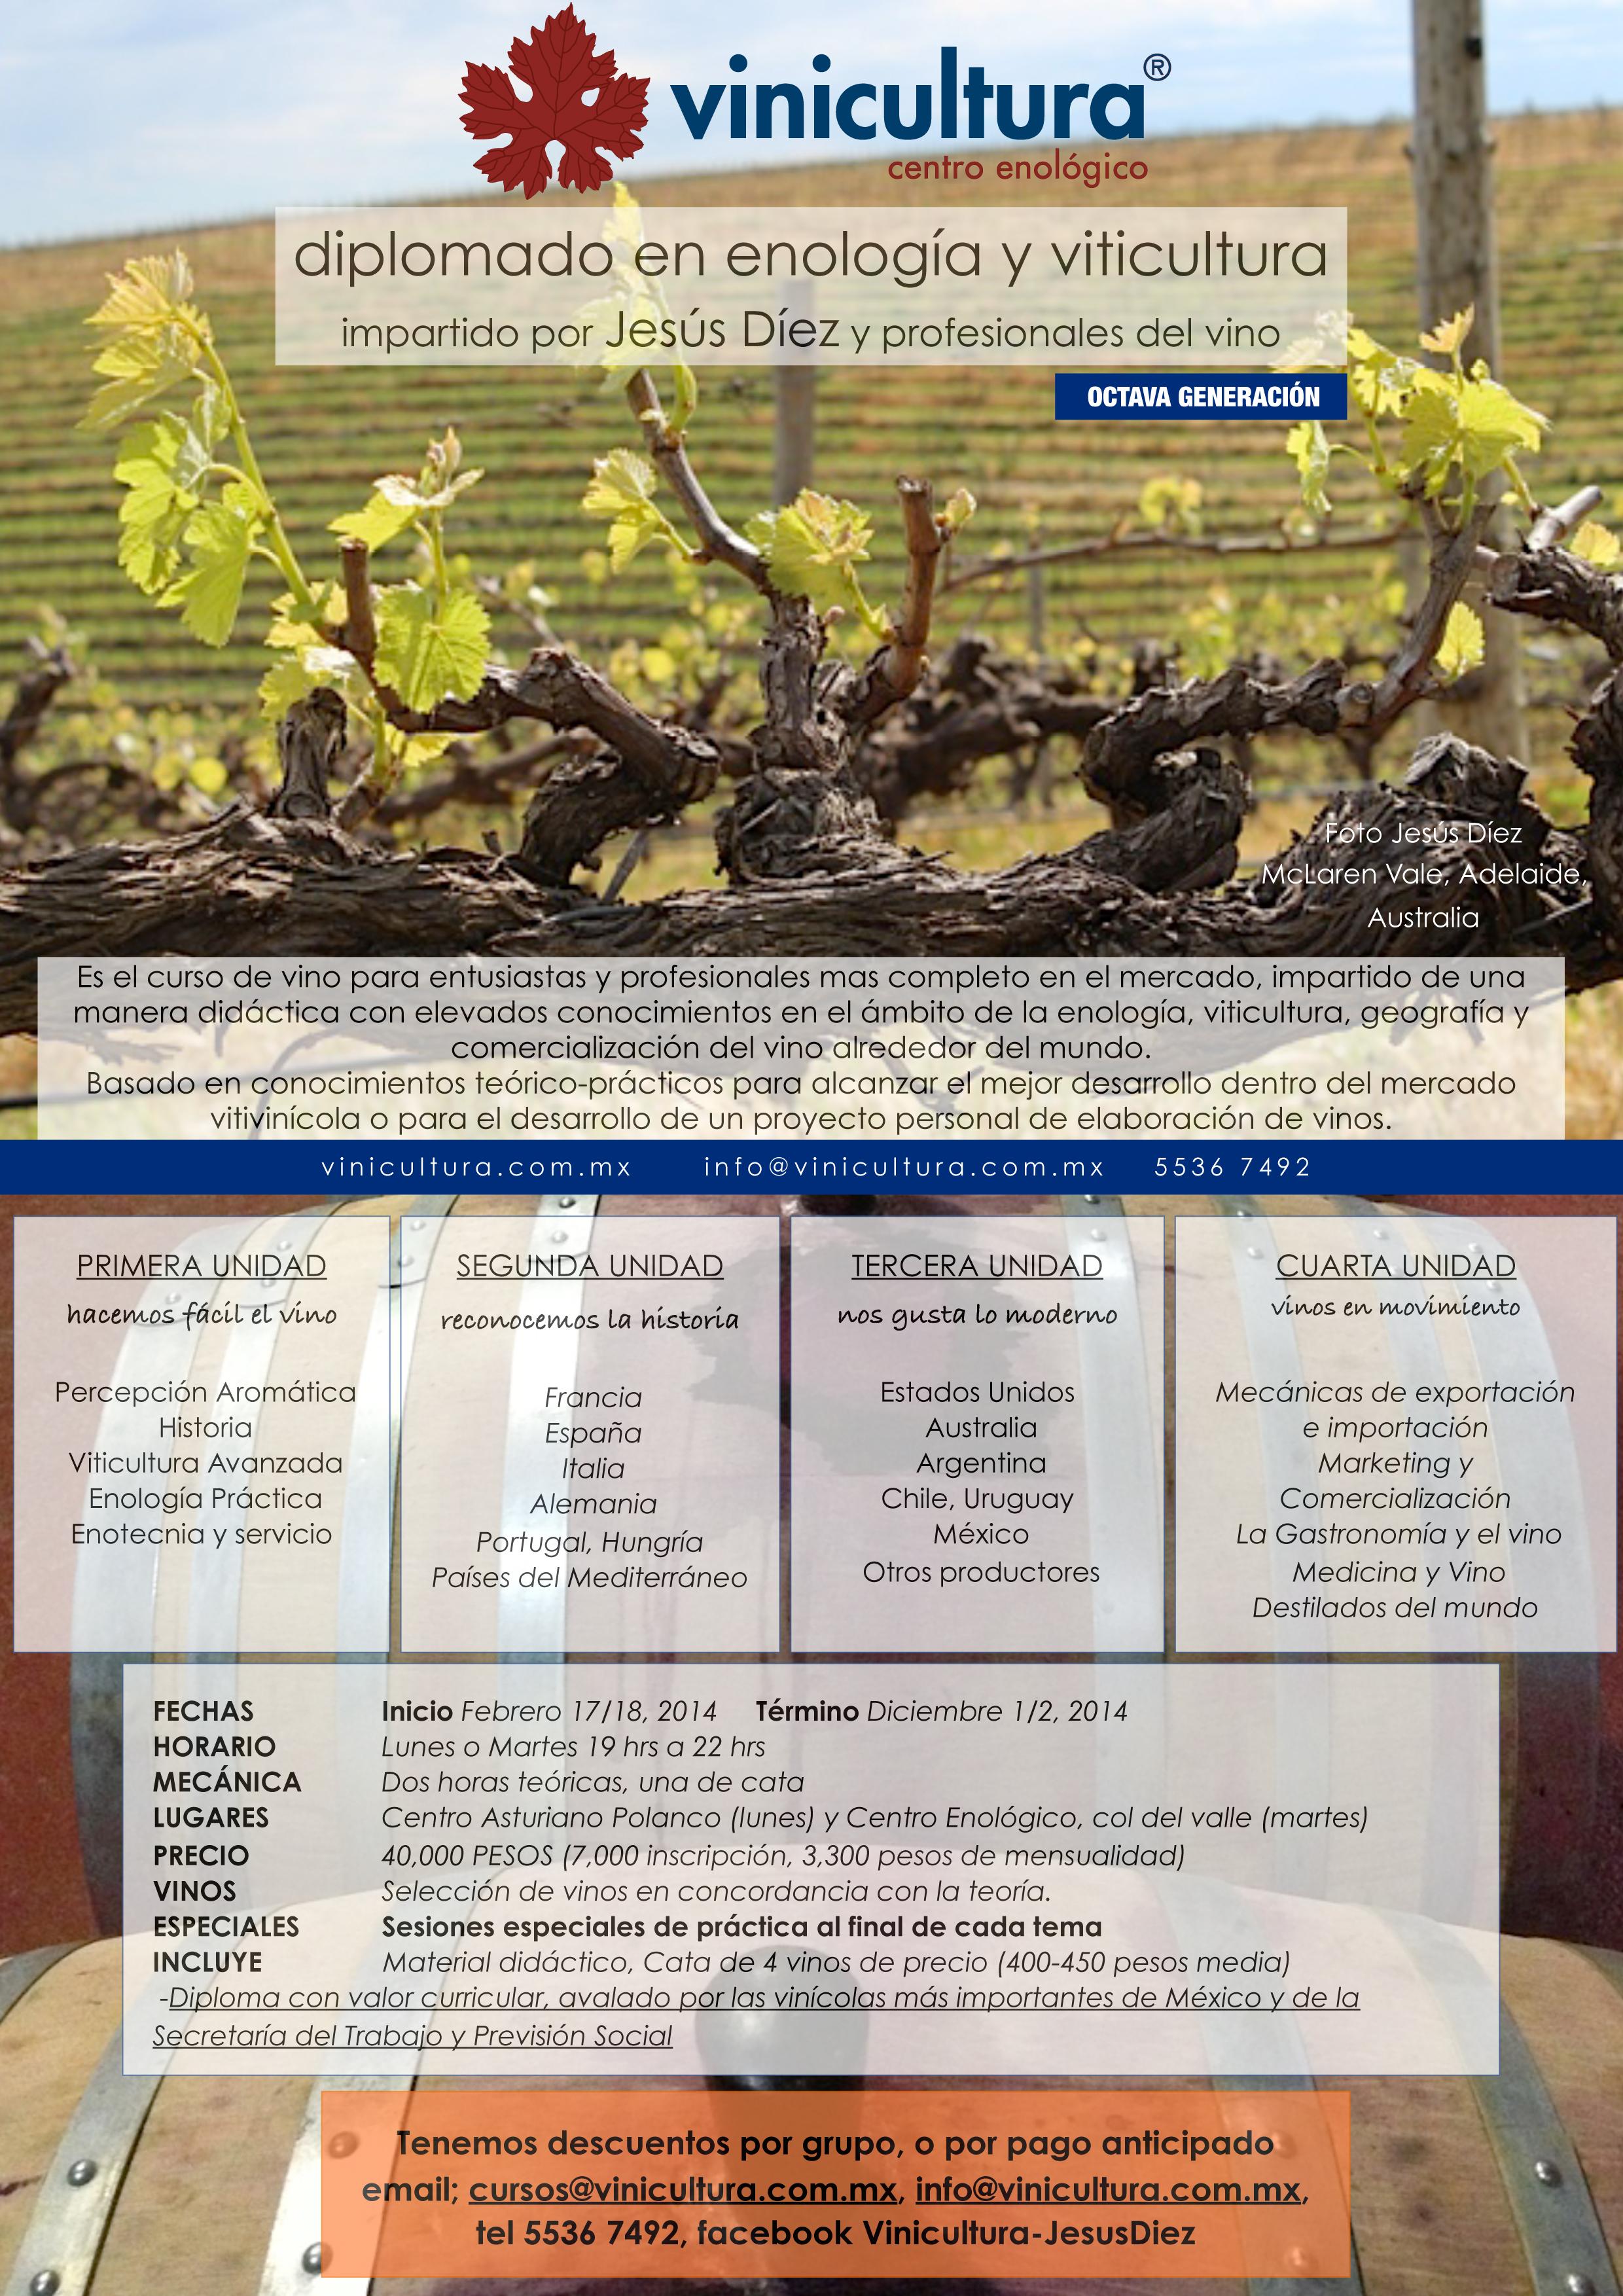 Diplomado Enologia y Viticultura